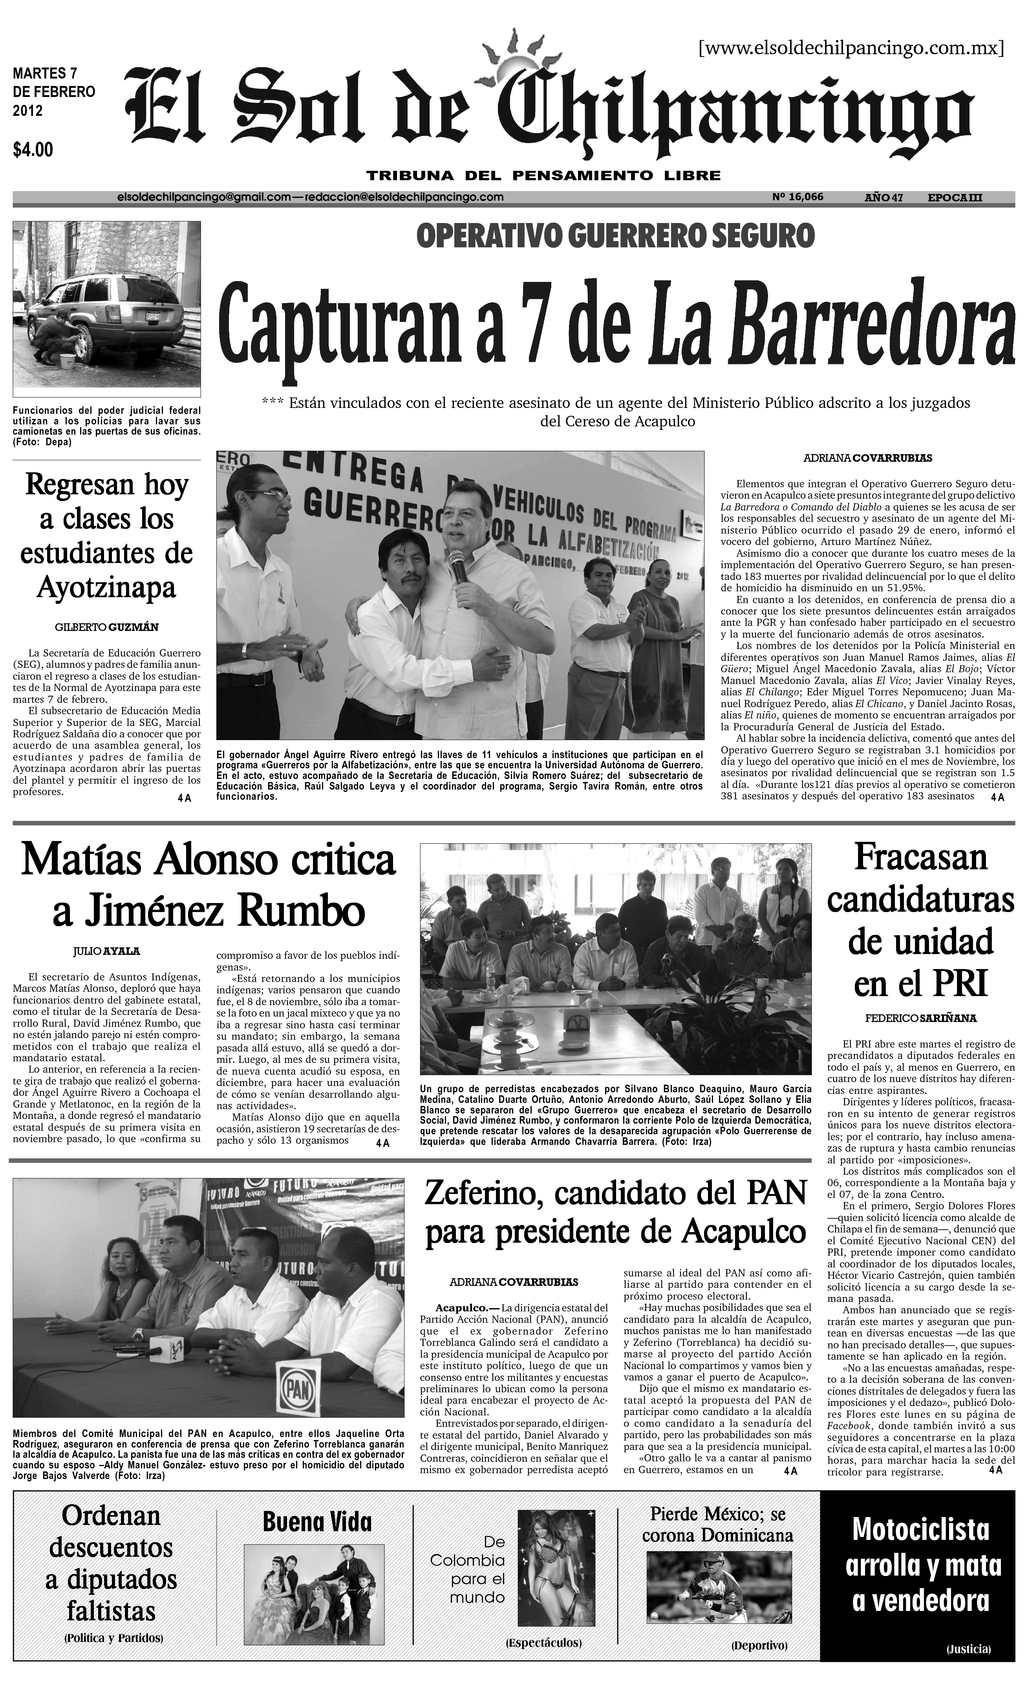 Calaméo - El Sol de Chilpancingo - 07 Febrero 2012